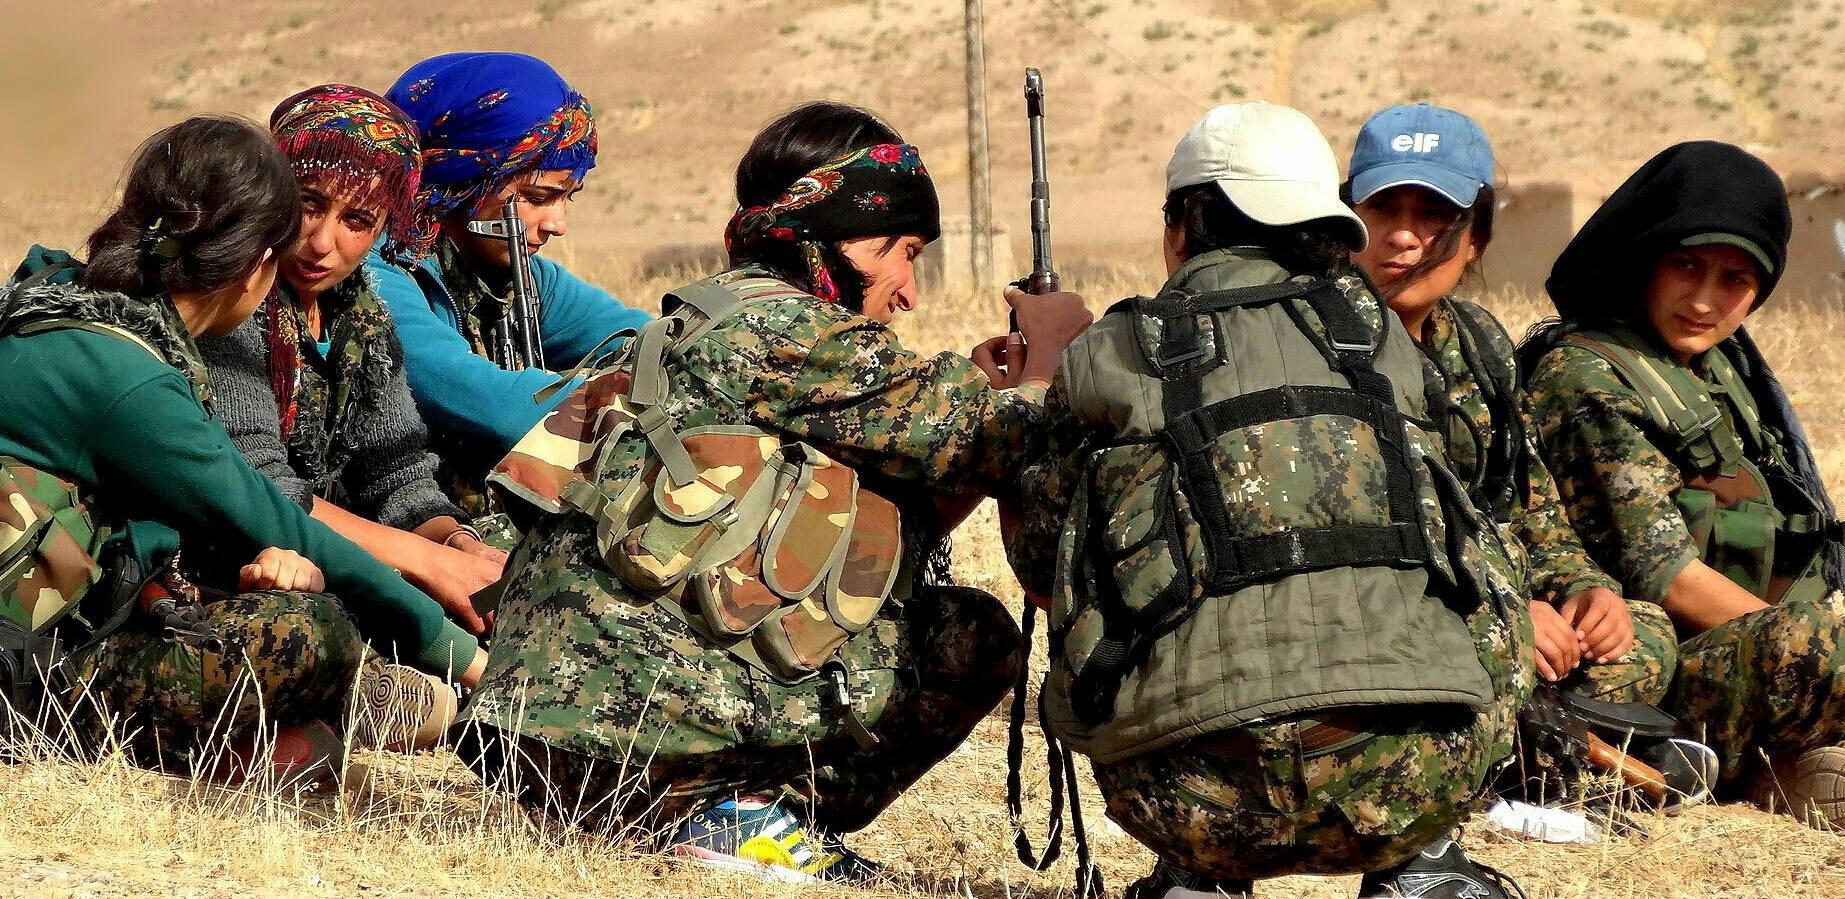 Combattantes membres des forces kurdes YPG en opération au mois de juin 2015. Photographie : compte Flickr Kurdishstruggle créatives commons.